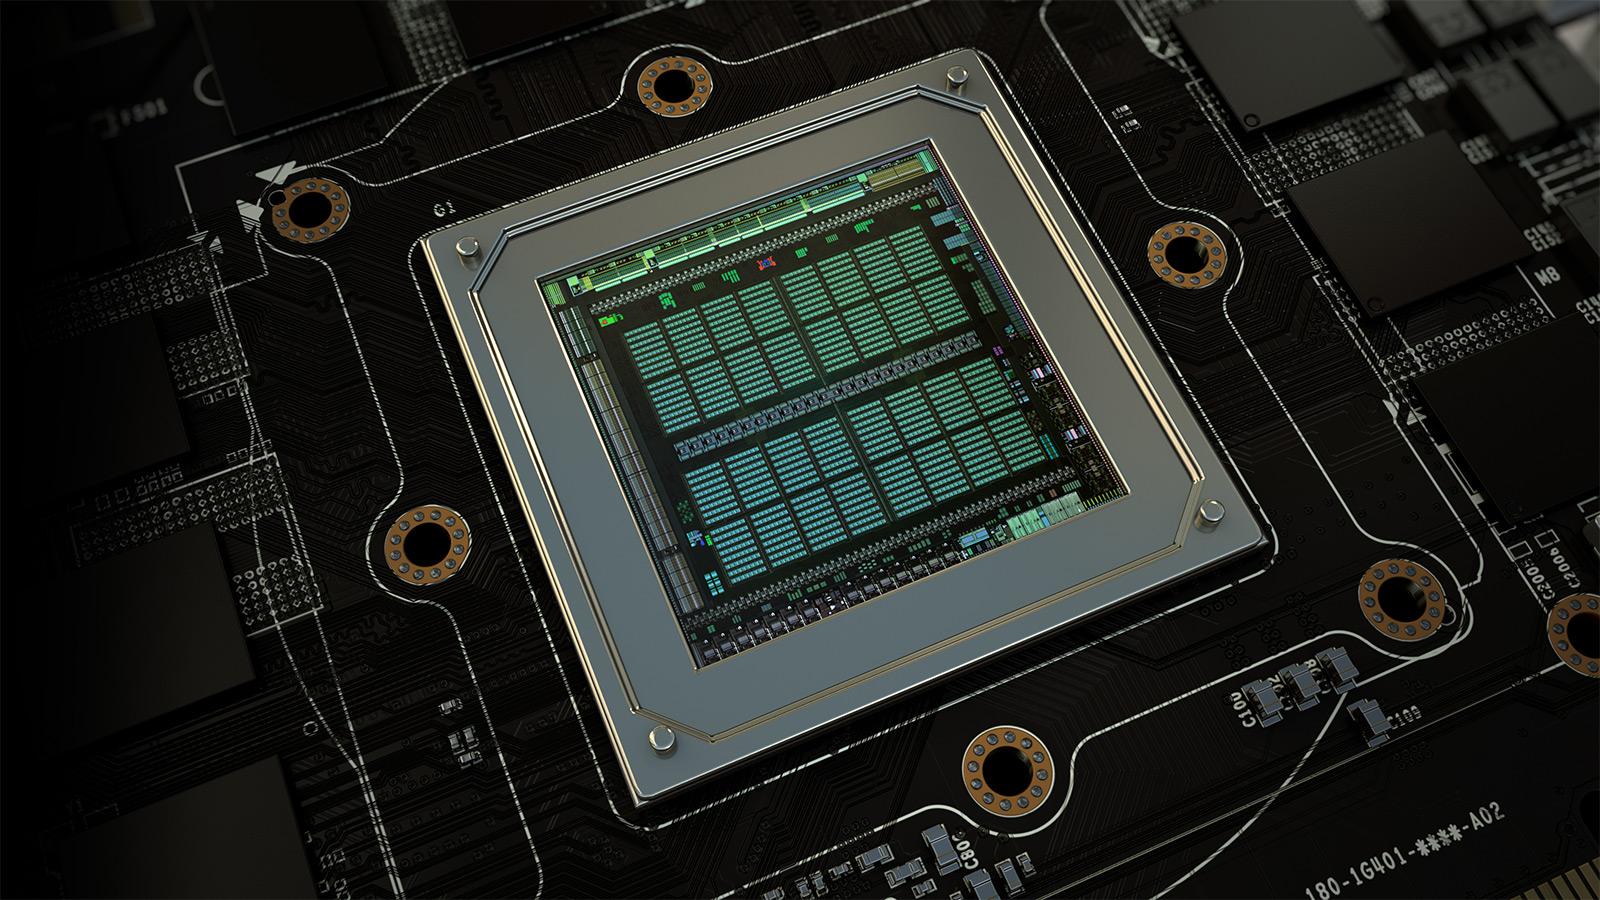 TSMC Nvidia GPU ekoizle nagusia izango da prozesuetan 7 nm eta 5 nm EUV-tik